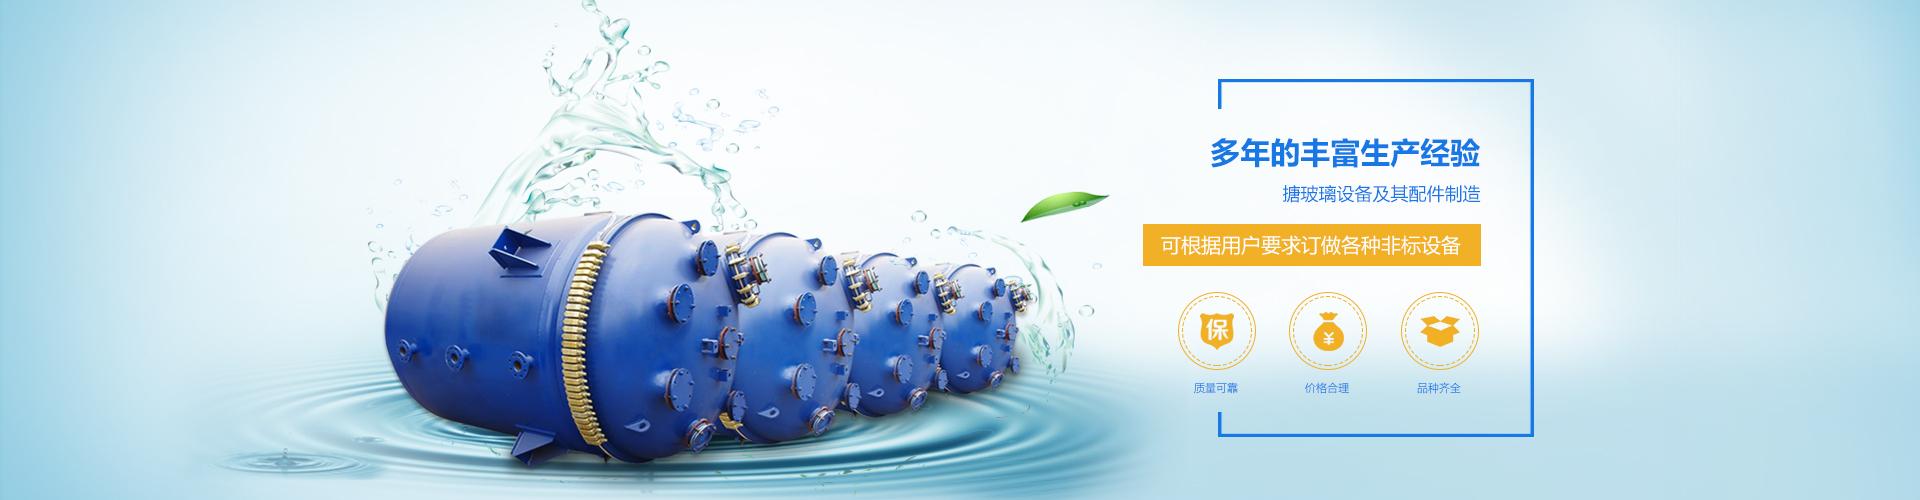 沈阳家裕房地产经纪有限公司__syjiayv.com